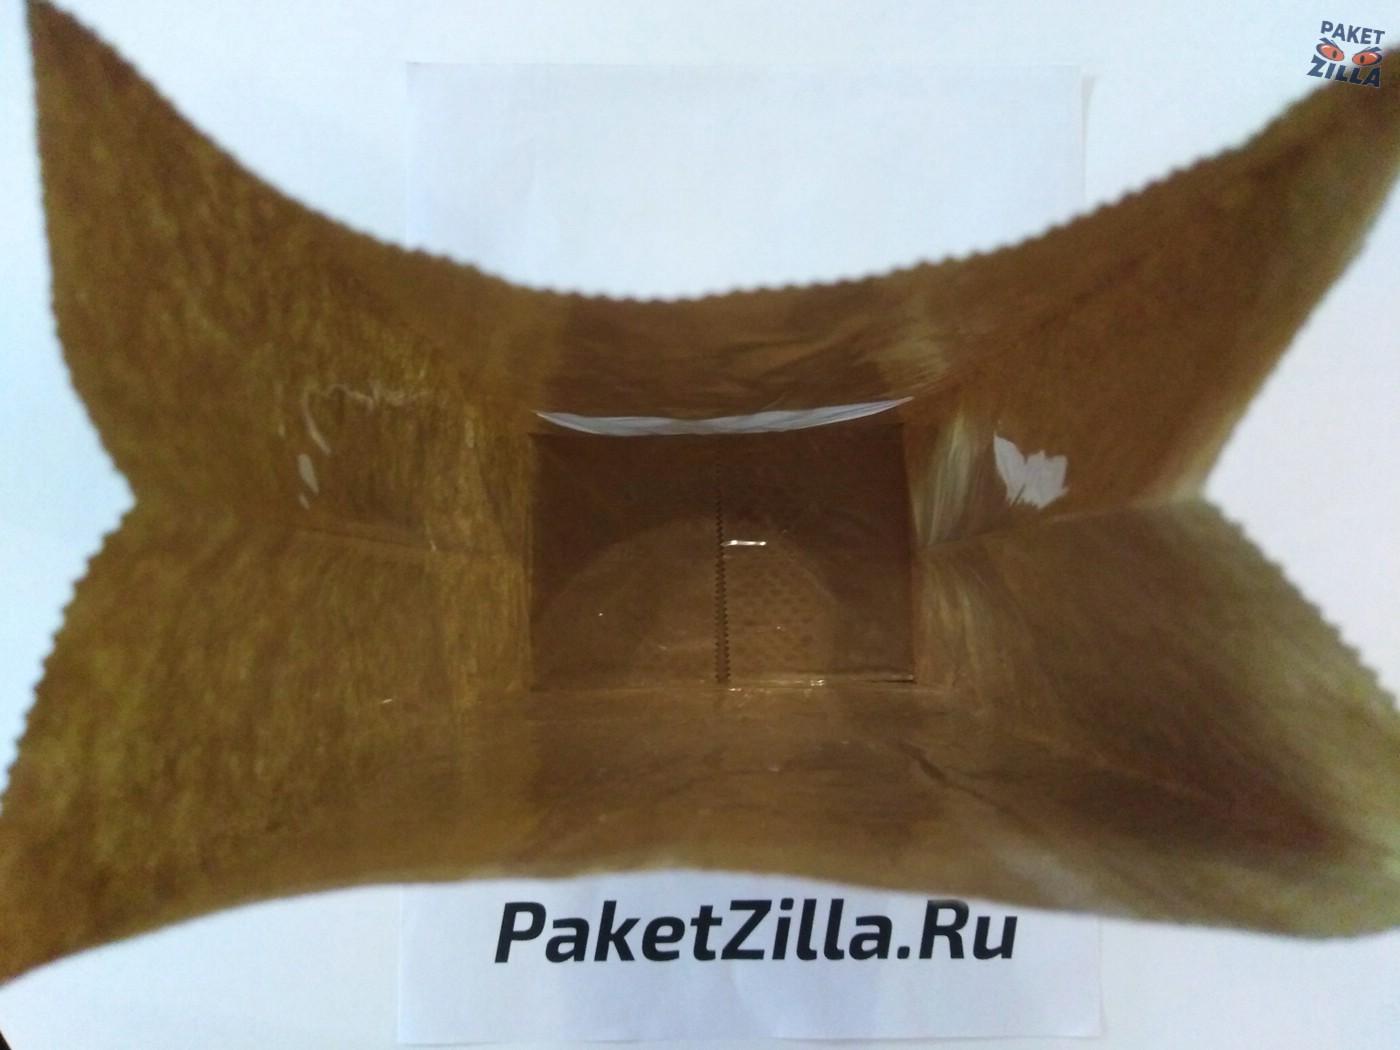 Крафт пакет 250 х 120 х 80 с круглым окном. 2-х слойный. 6.